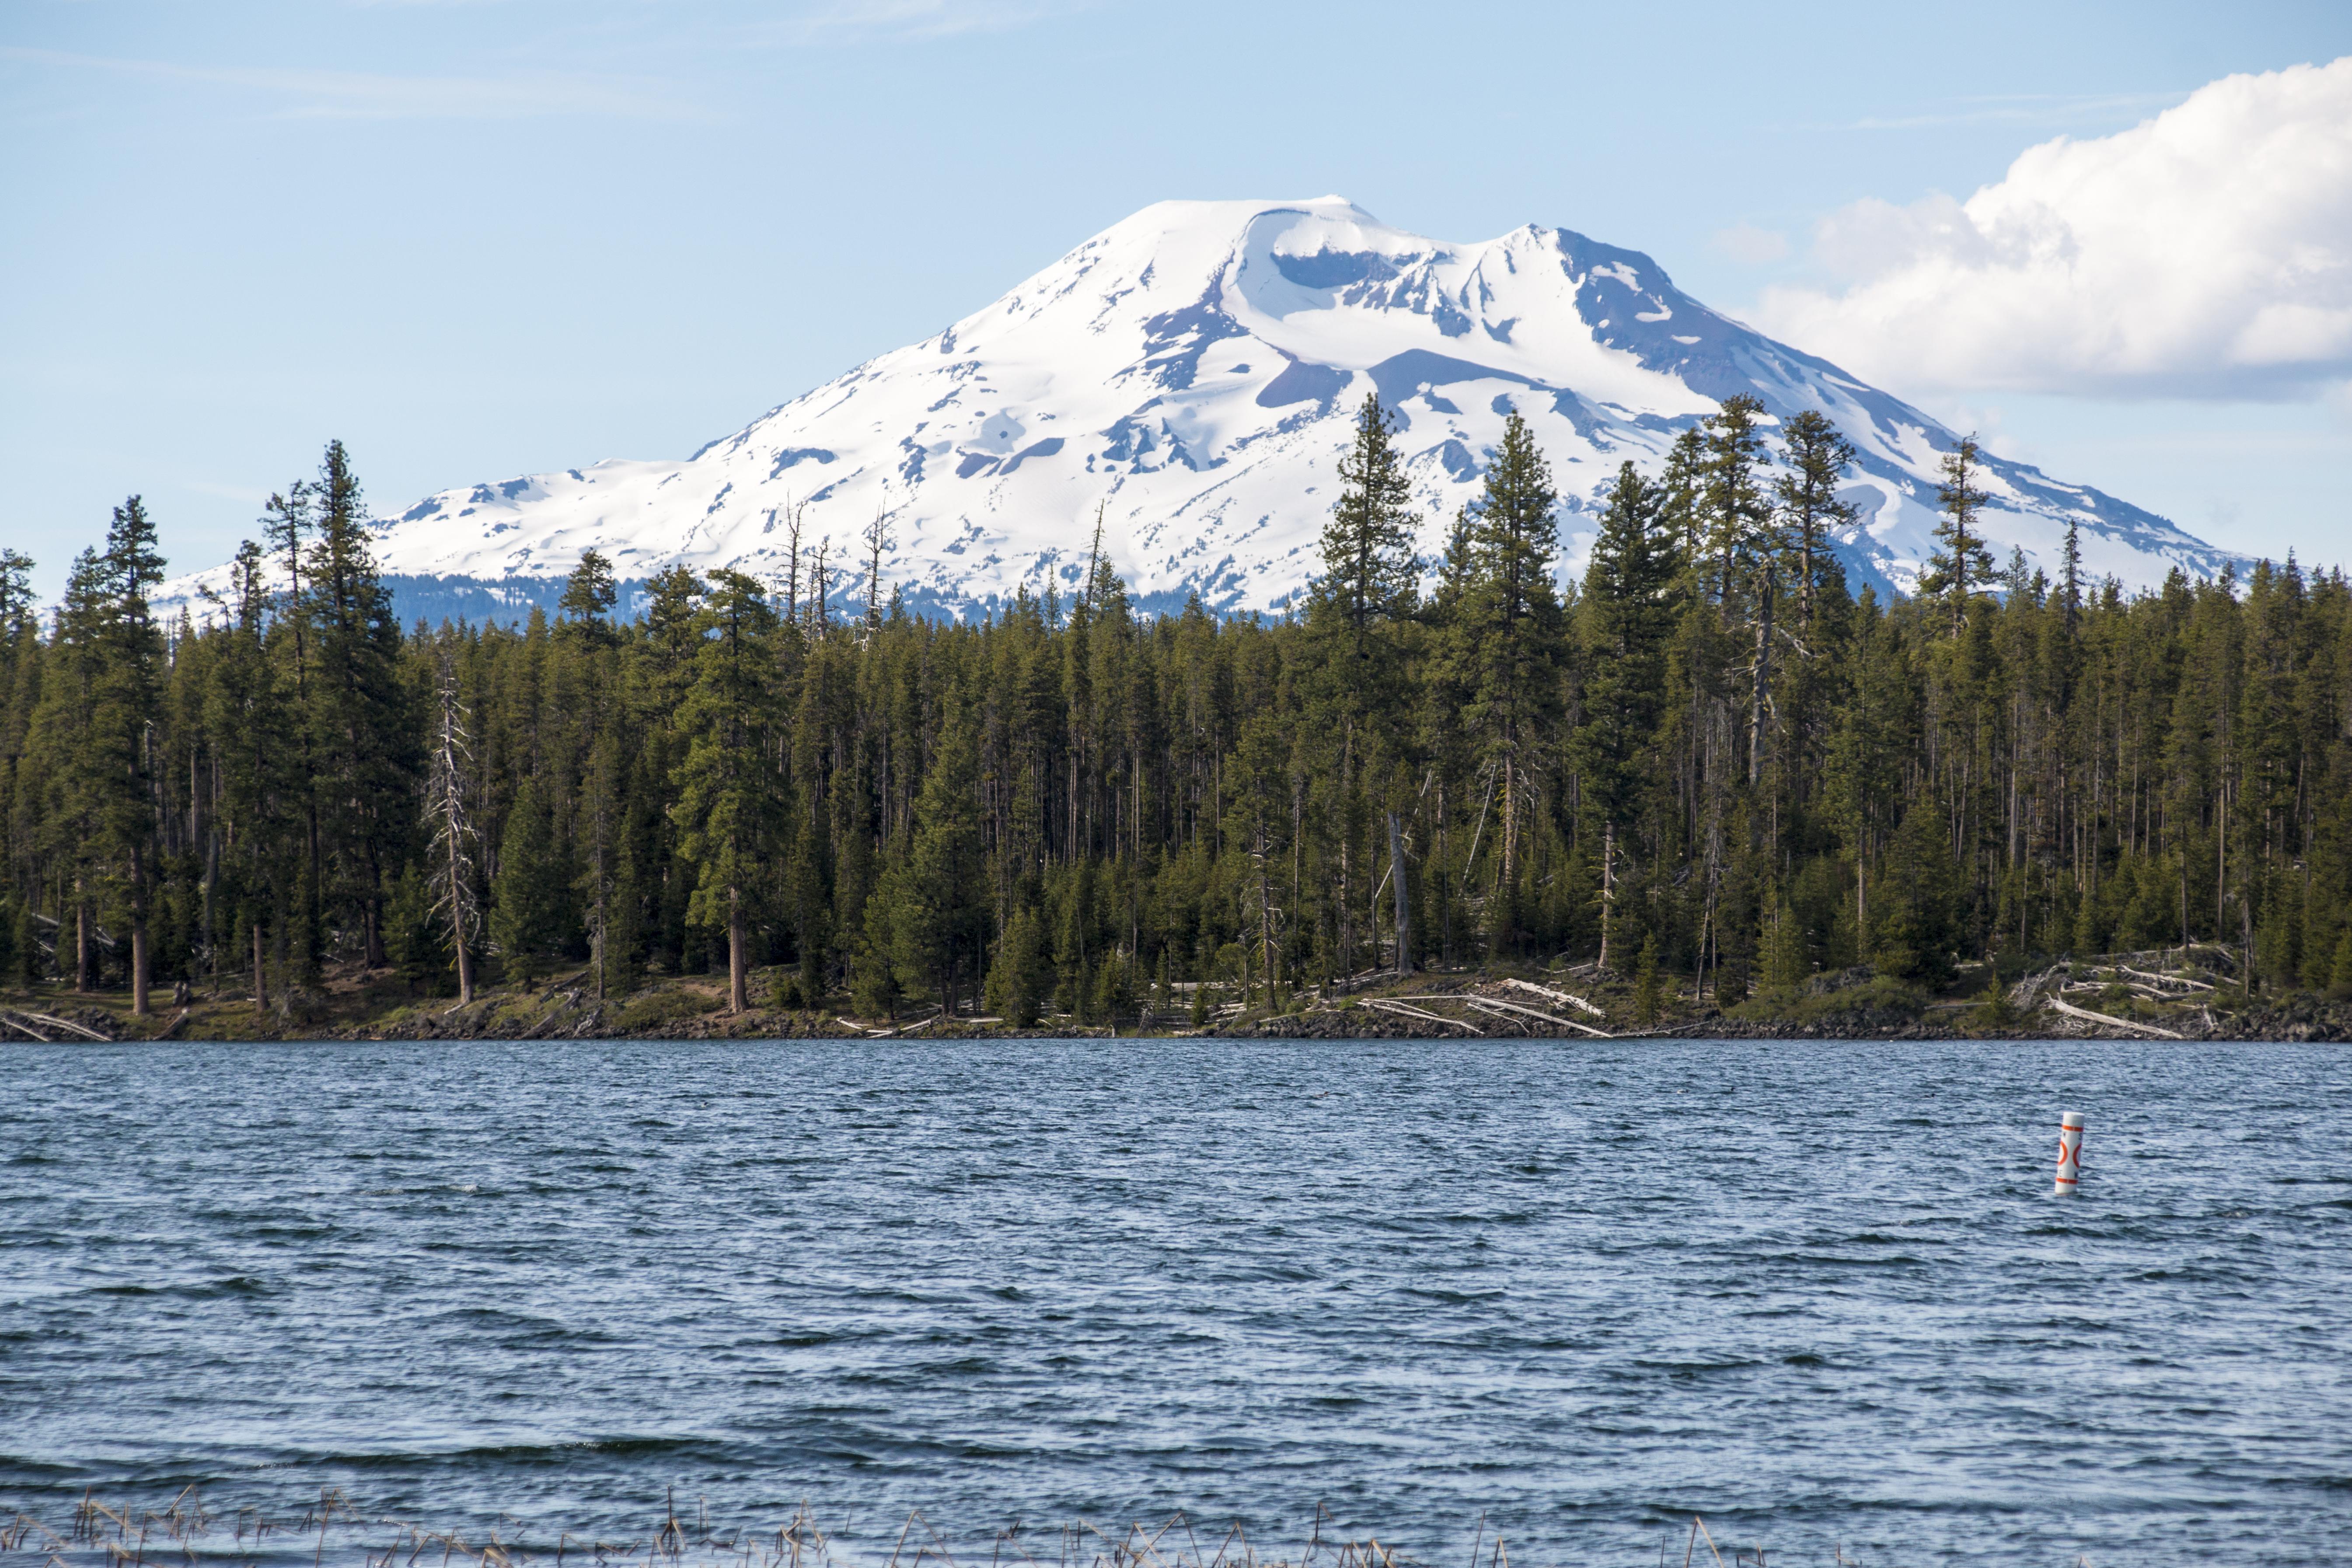 Lava lake, and mt. bachelor, oregon photo